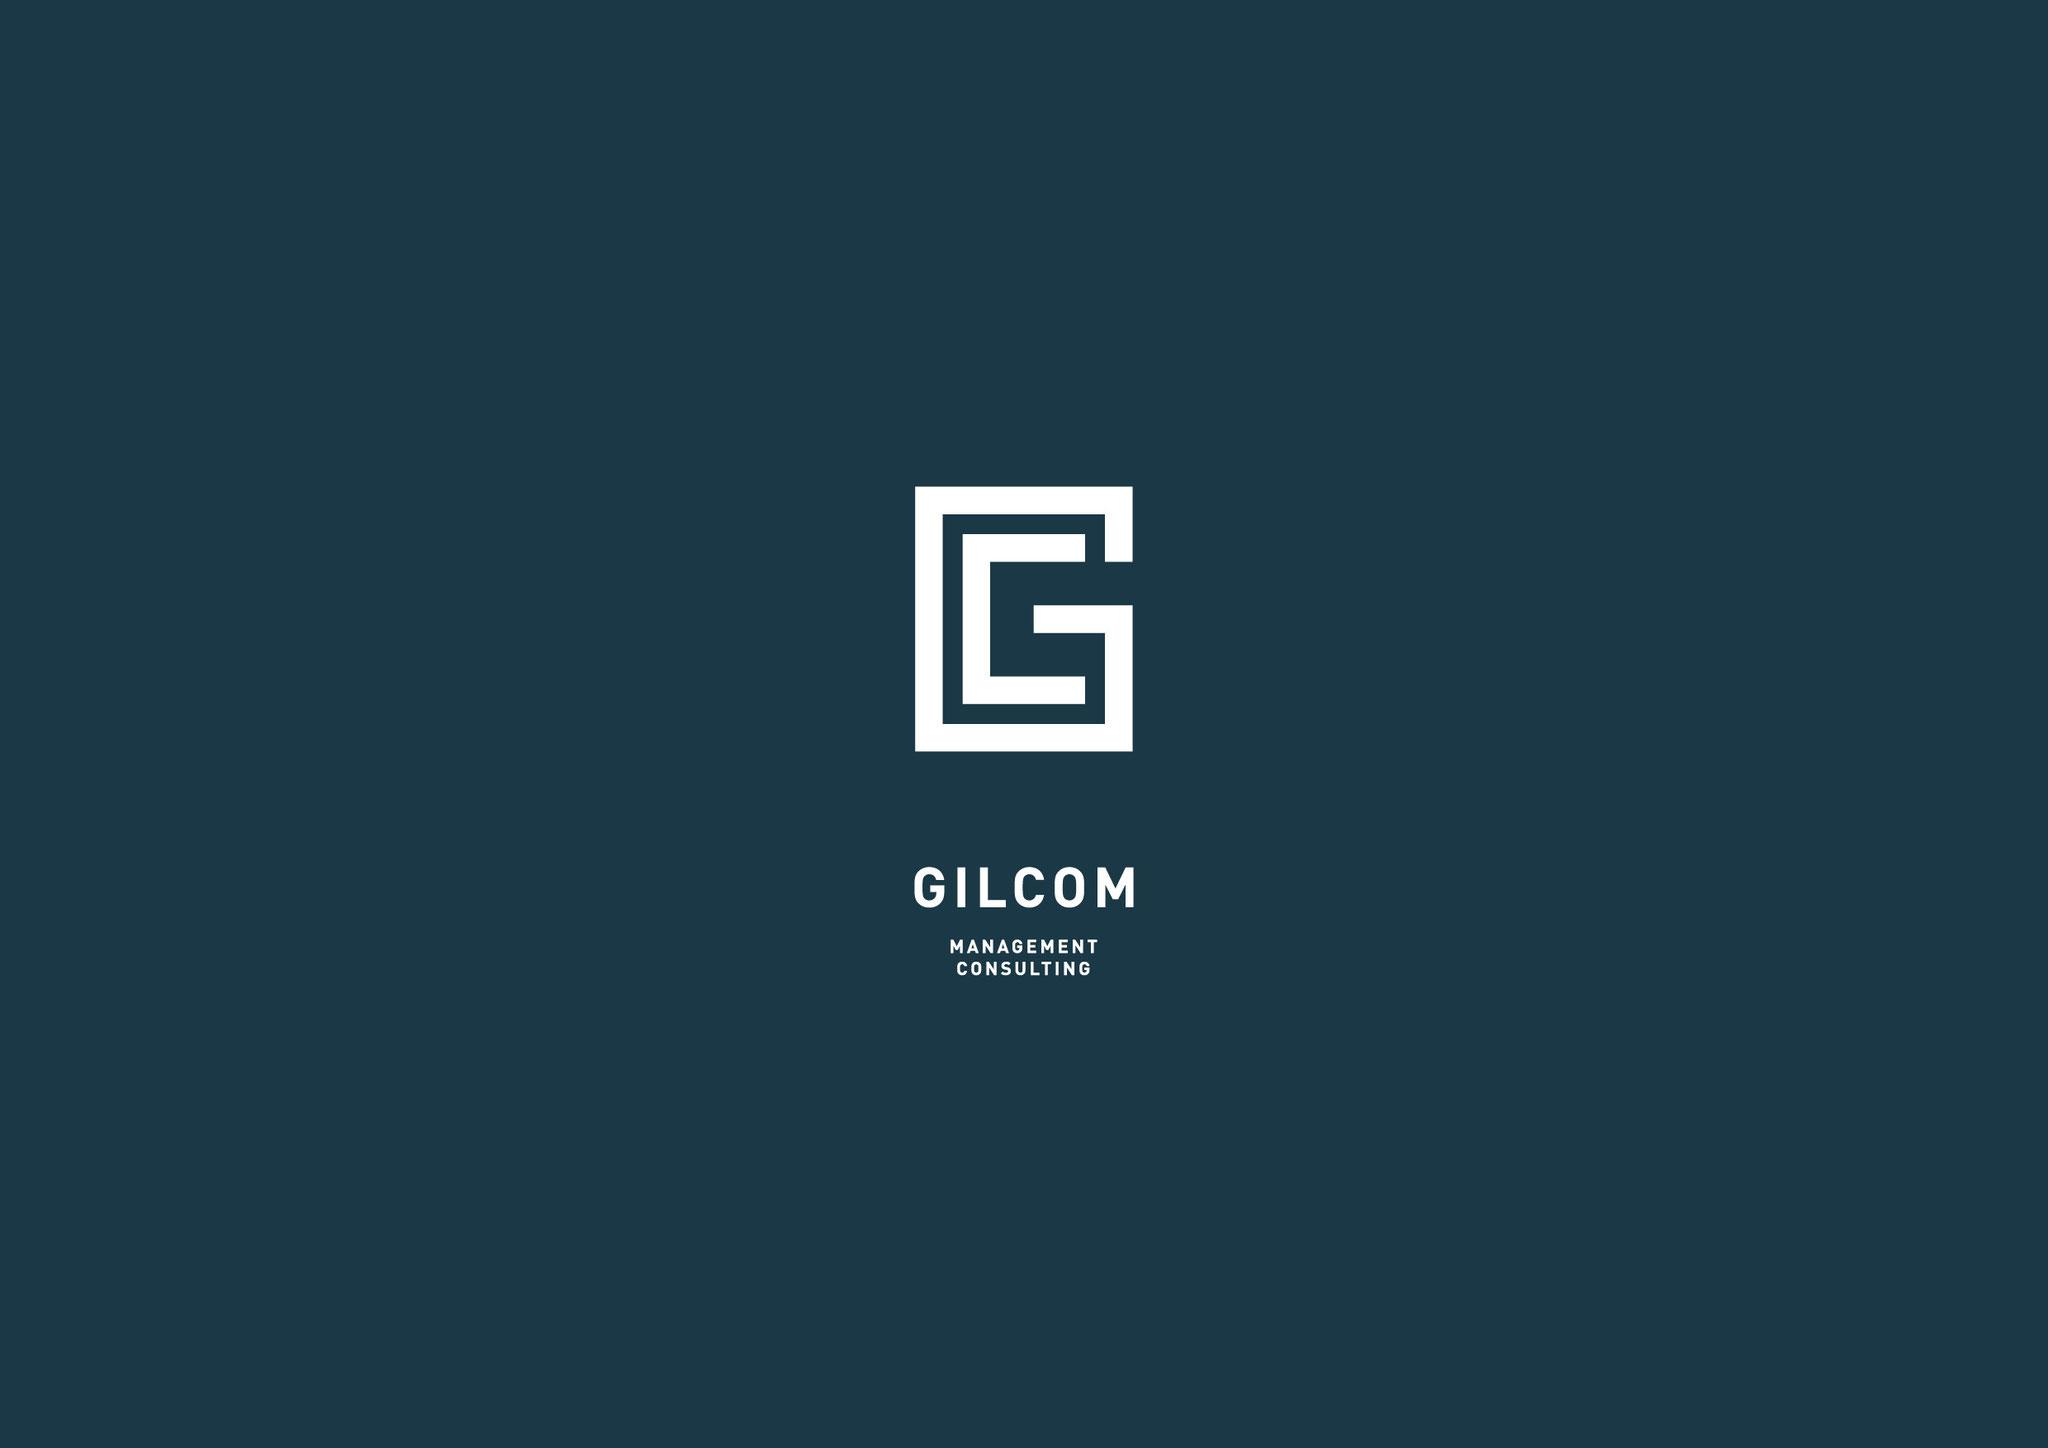 Gilcom GmbH Bern: Entwicklung Branding: Schrift- und Bildzeichen, design by Lockedesign, Burgdorf im Emmental